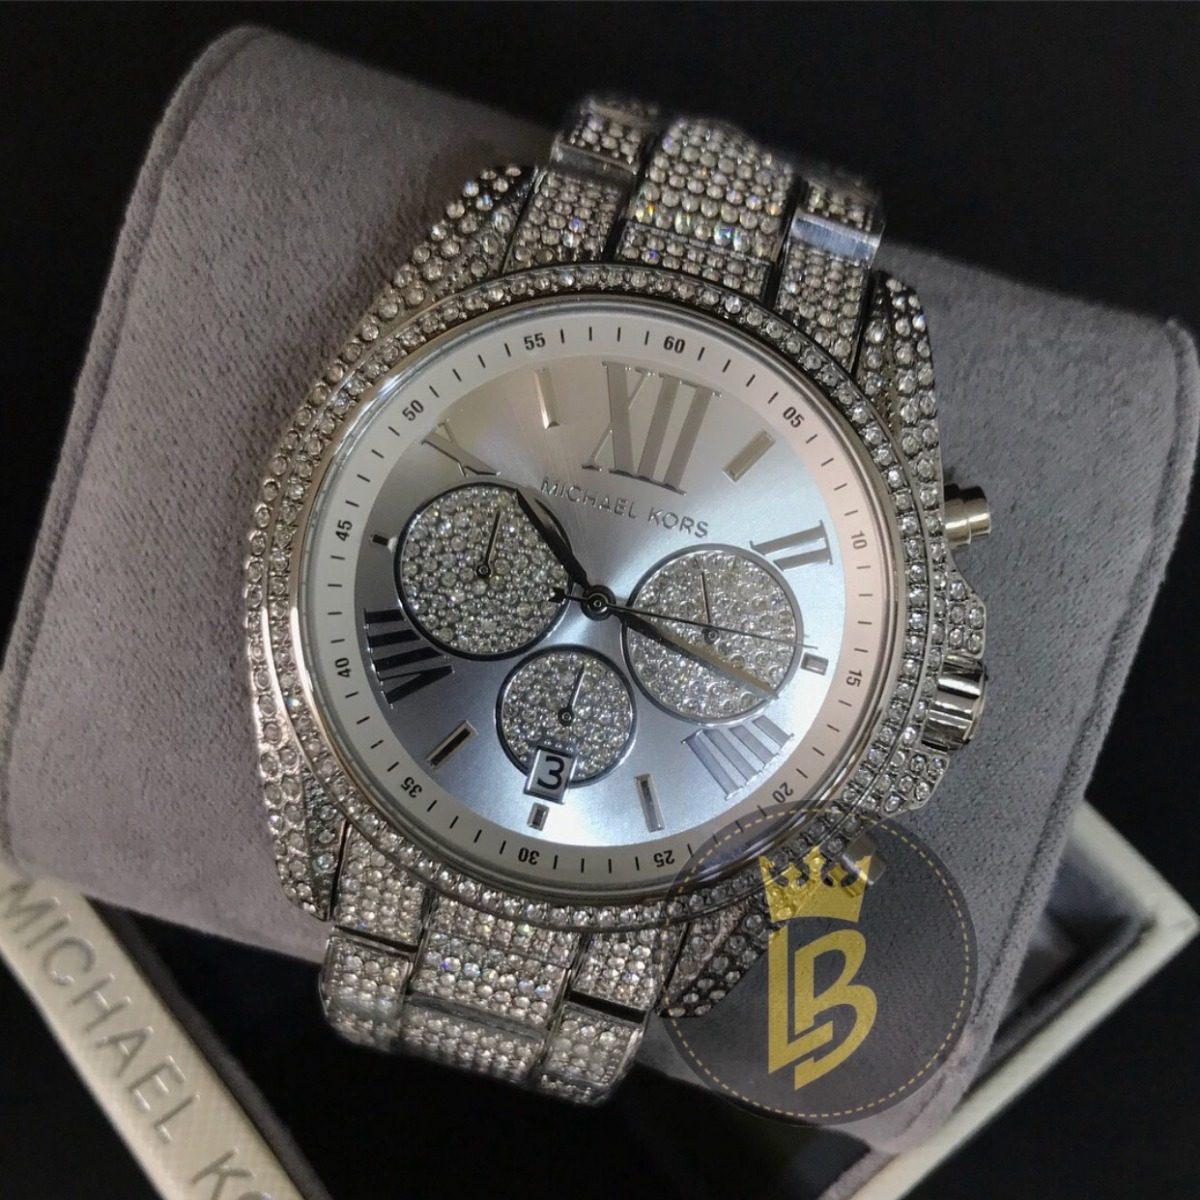 8060df732ca43 relógio michael kors mk6442 cristais roman, prata, original. Carregando  zoom.